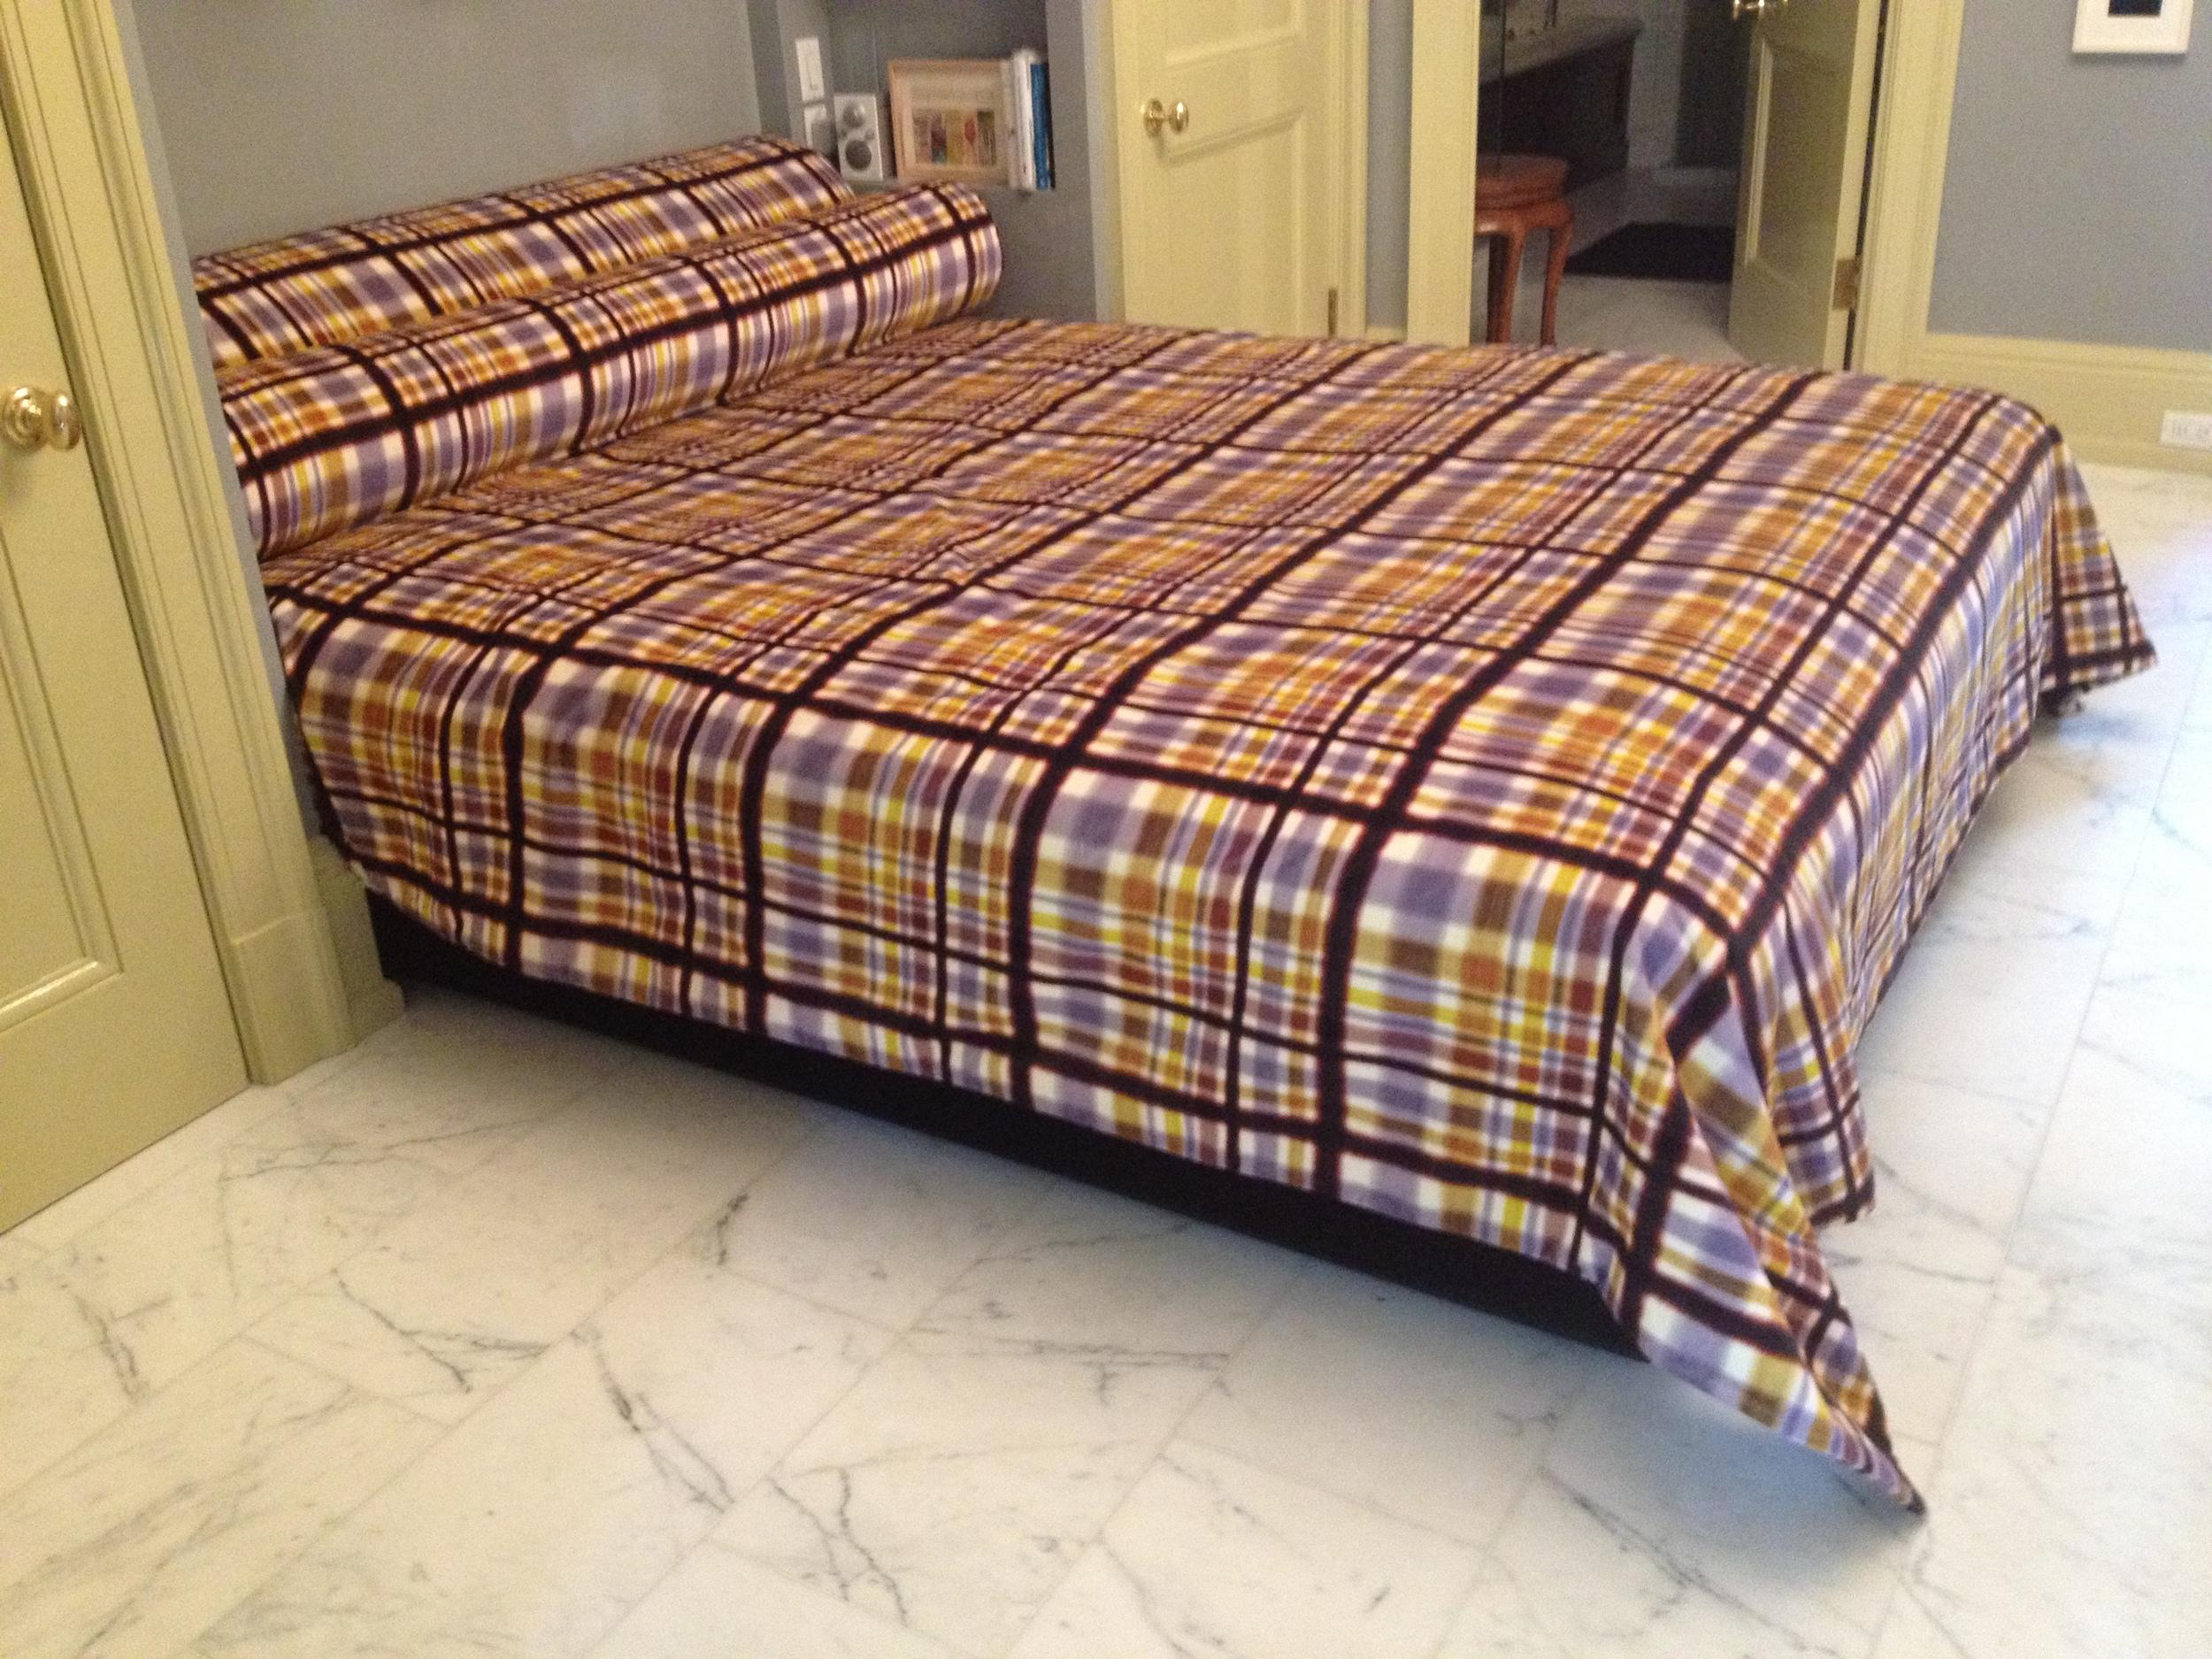 duvet cover and upholstered base.JPG